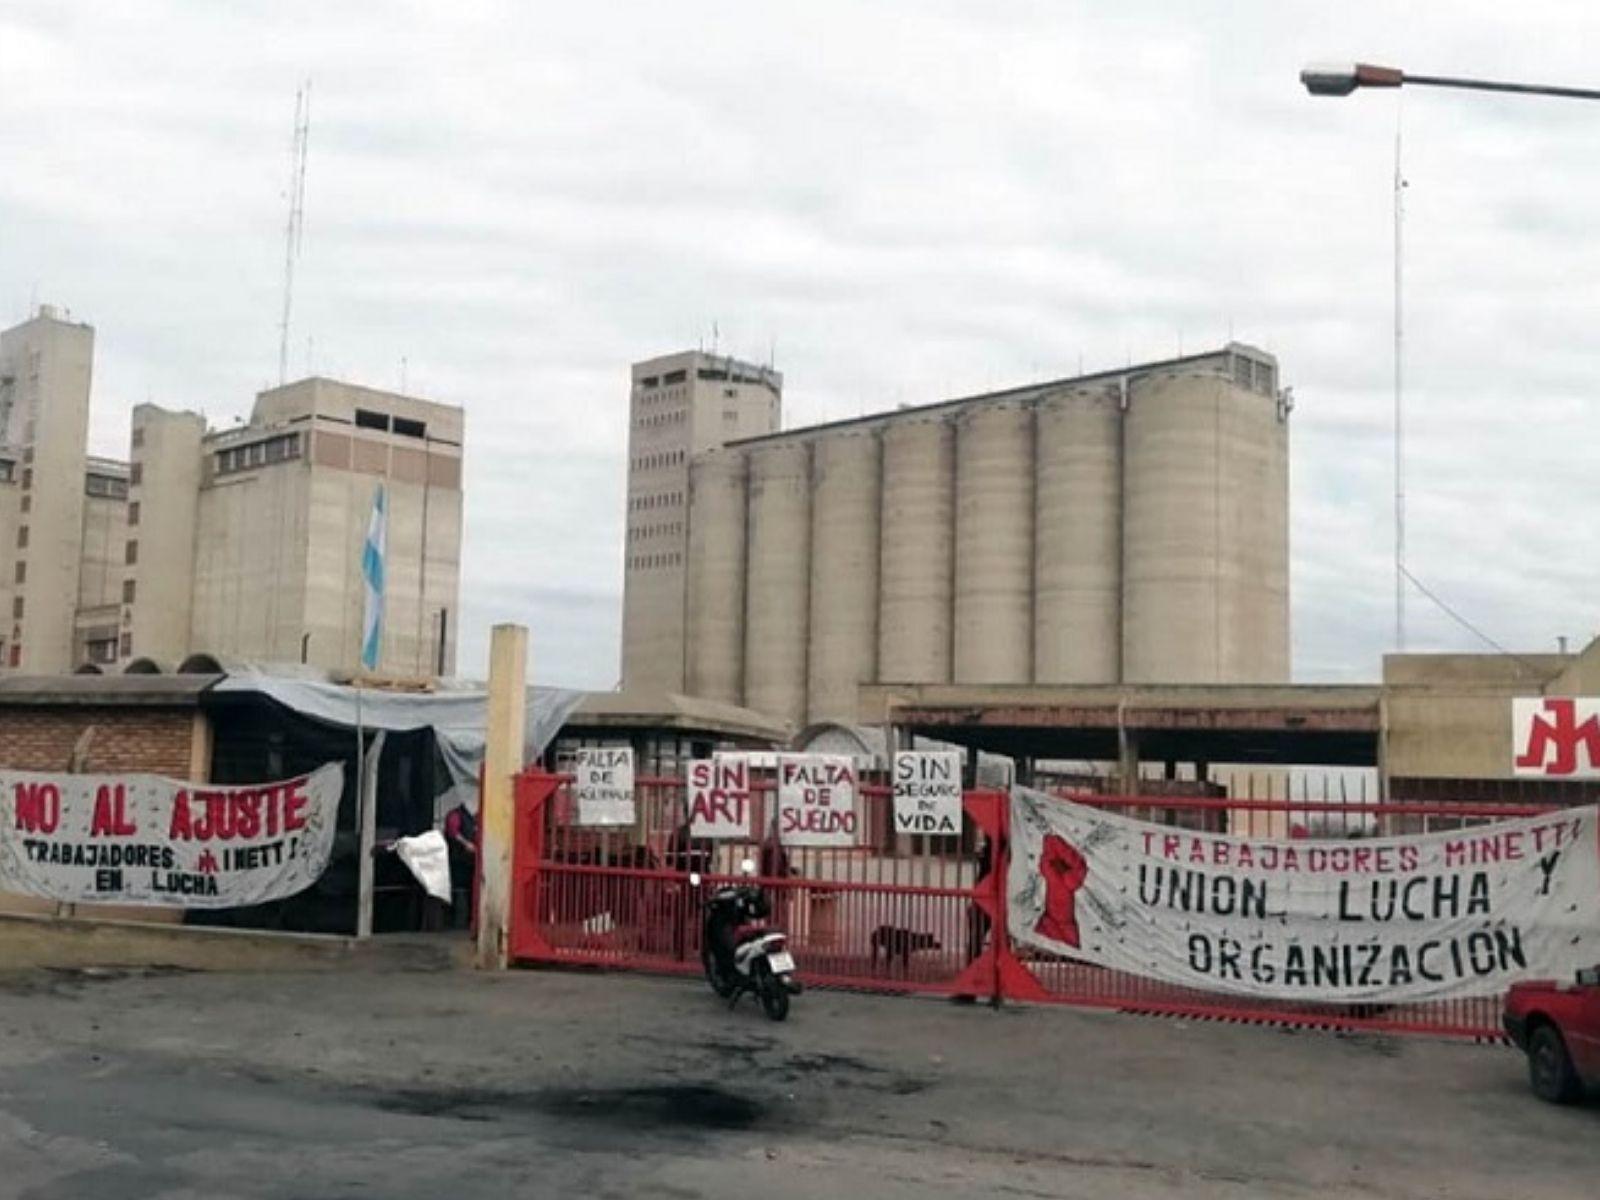 Nuevo intento de desalojo en la planta de Molino Minetti